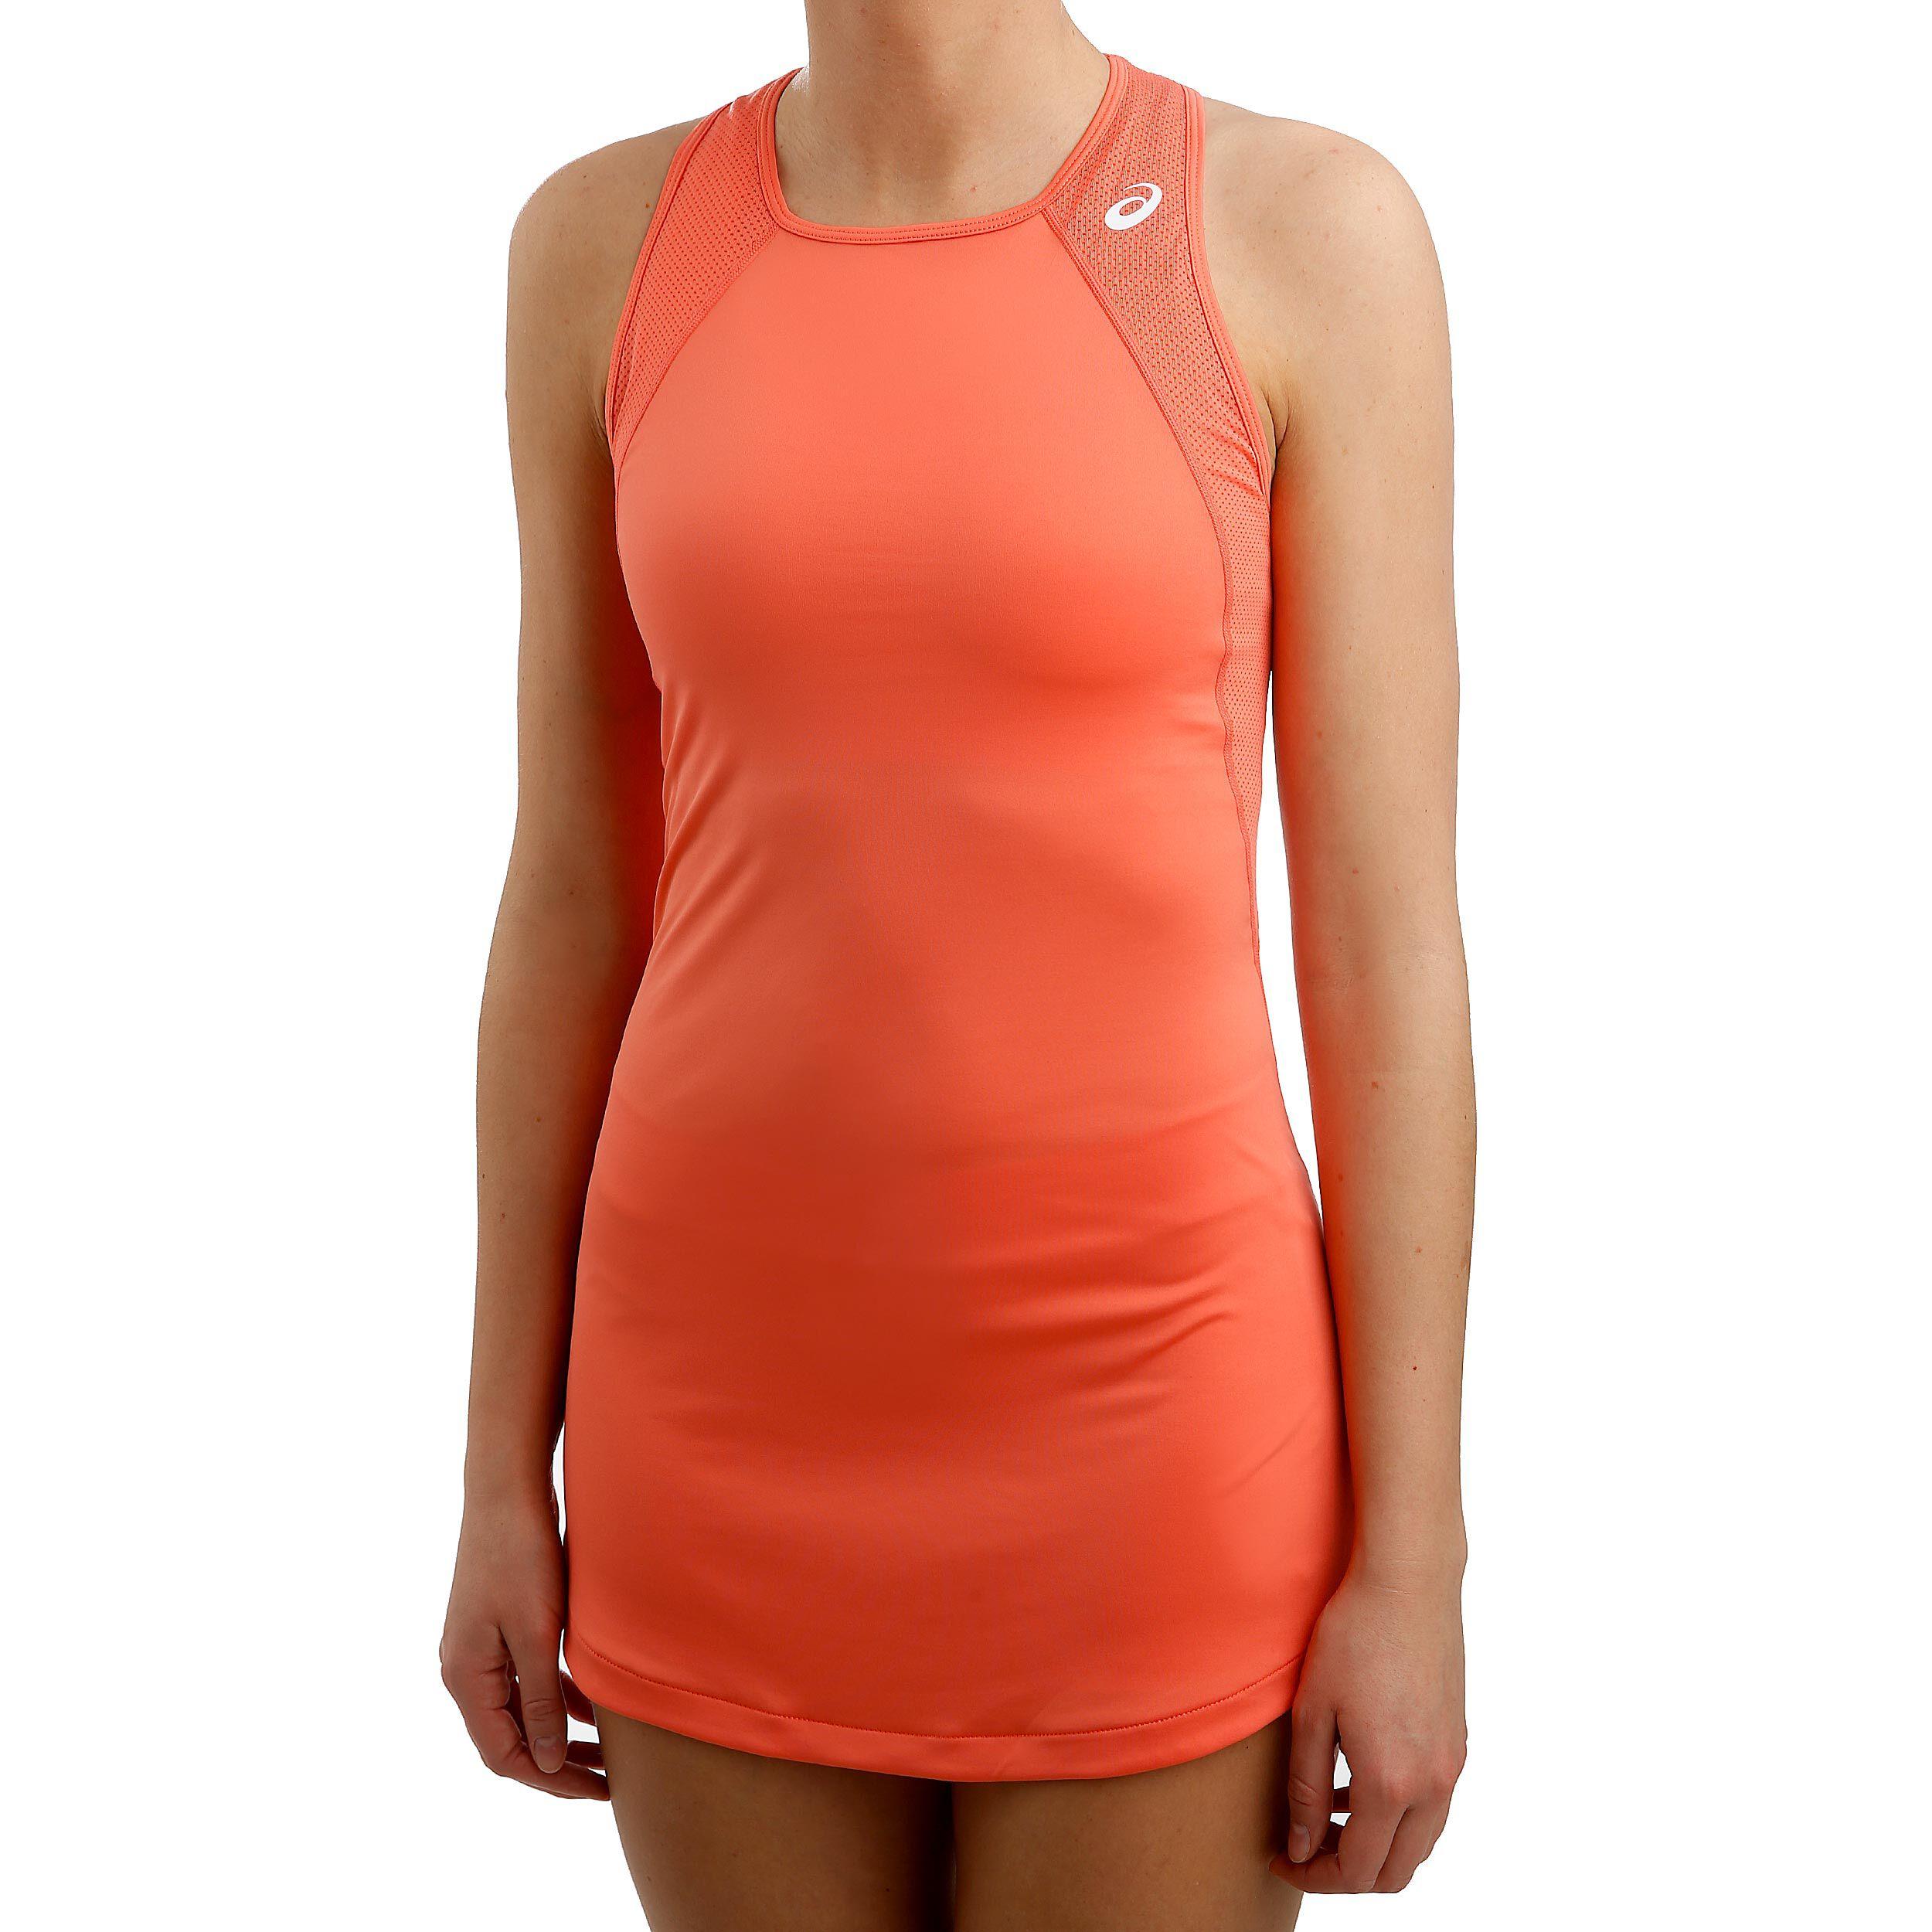 Asics Club Kleid Damen Koralle, Weiß online kaufen